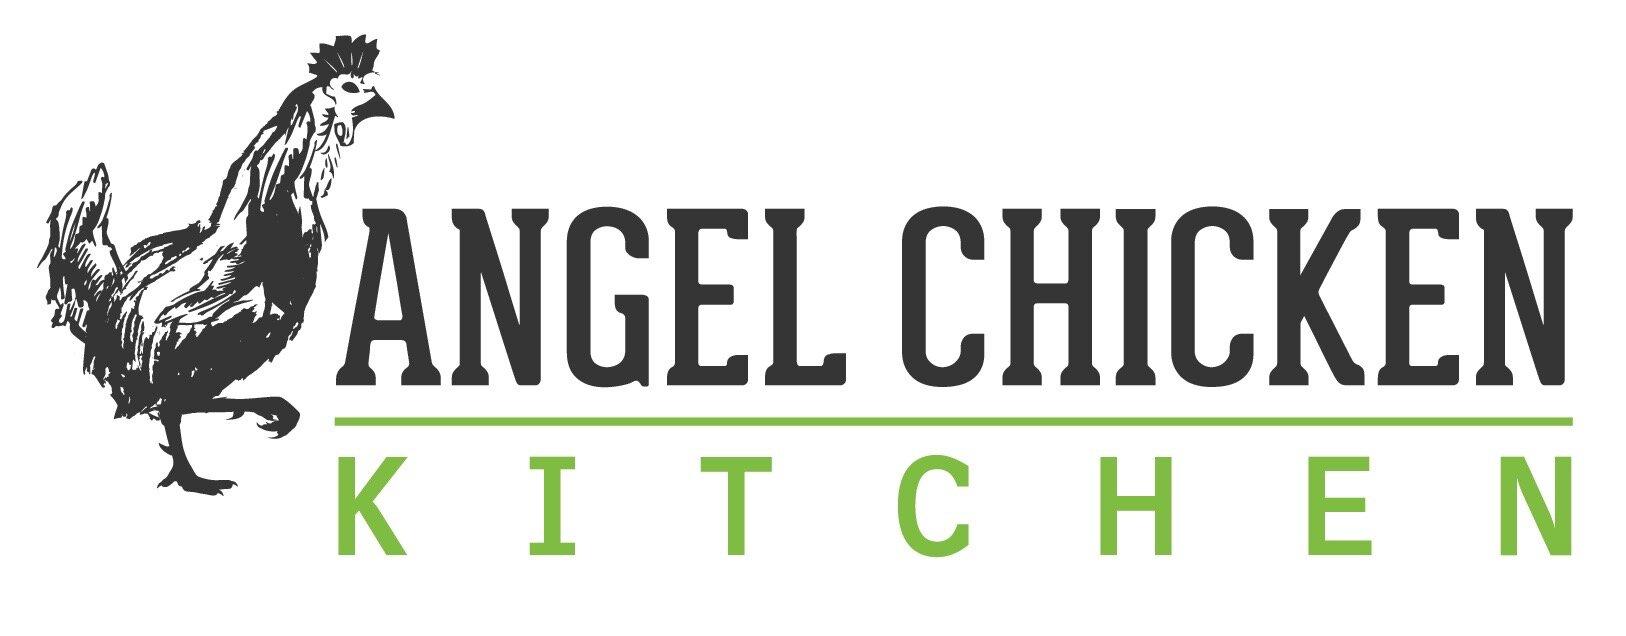 AngelChicken_Logo_12.17-01.jpg